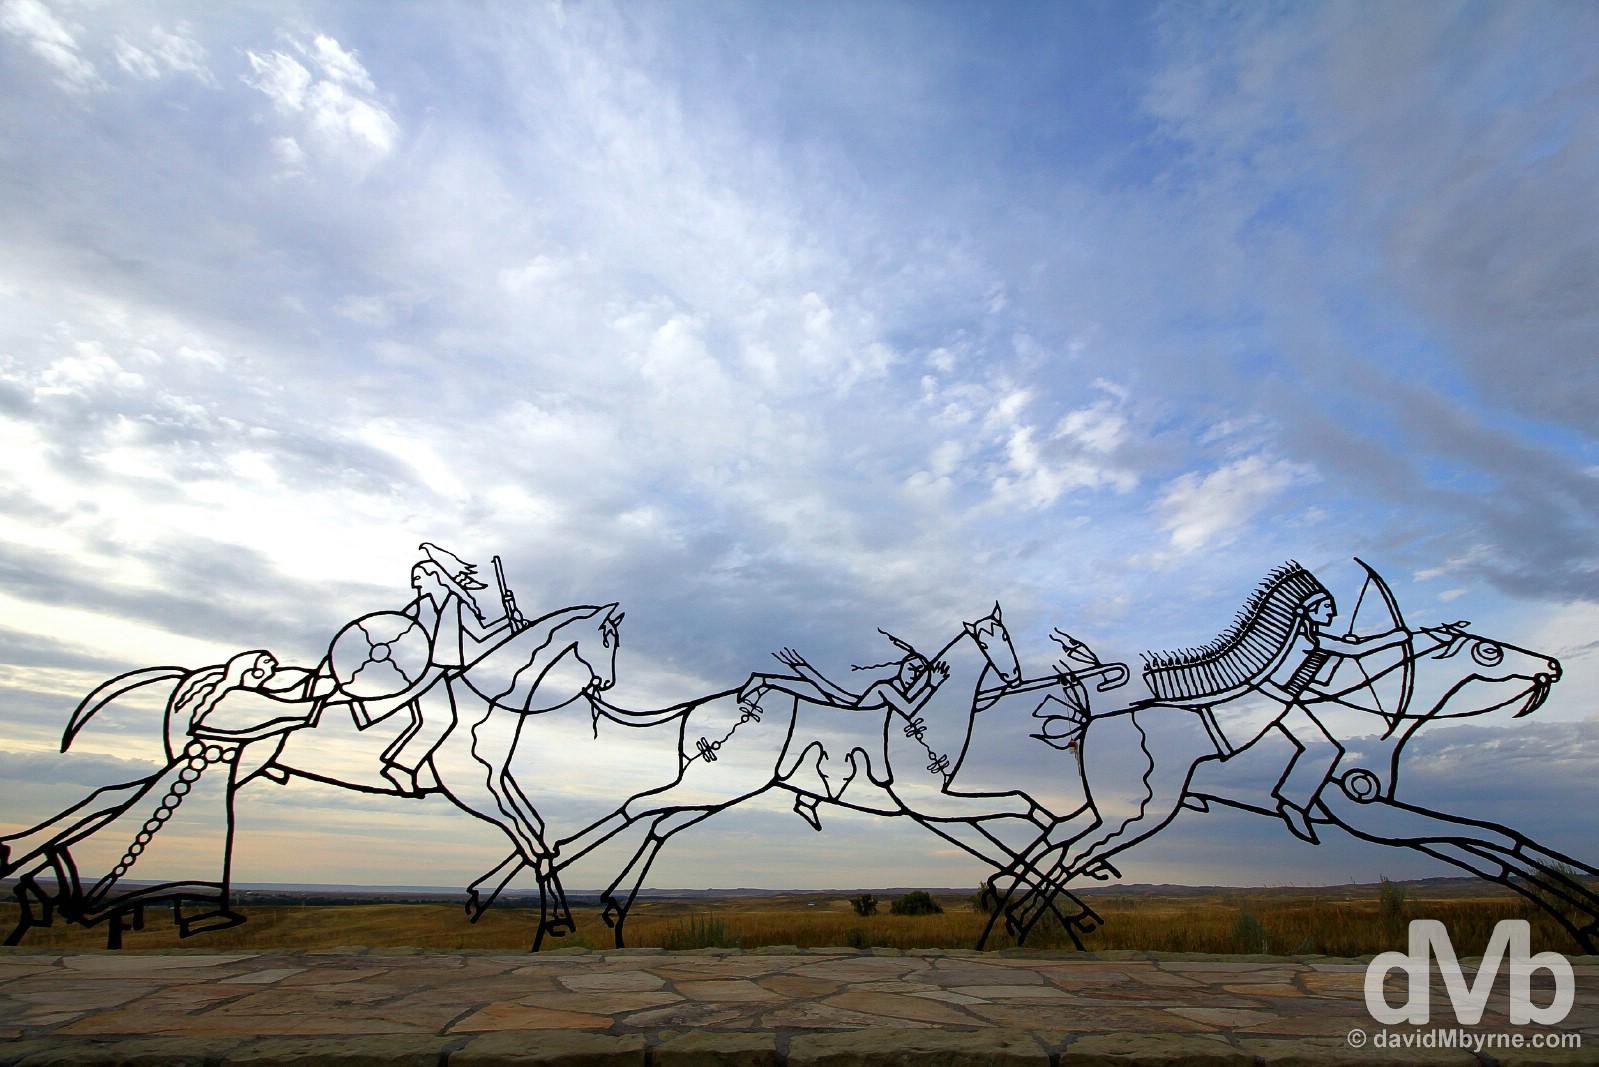 Indian Memorial, Little Bighorn Battlefield National Monument, Montana, USA. September 3, 2016.